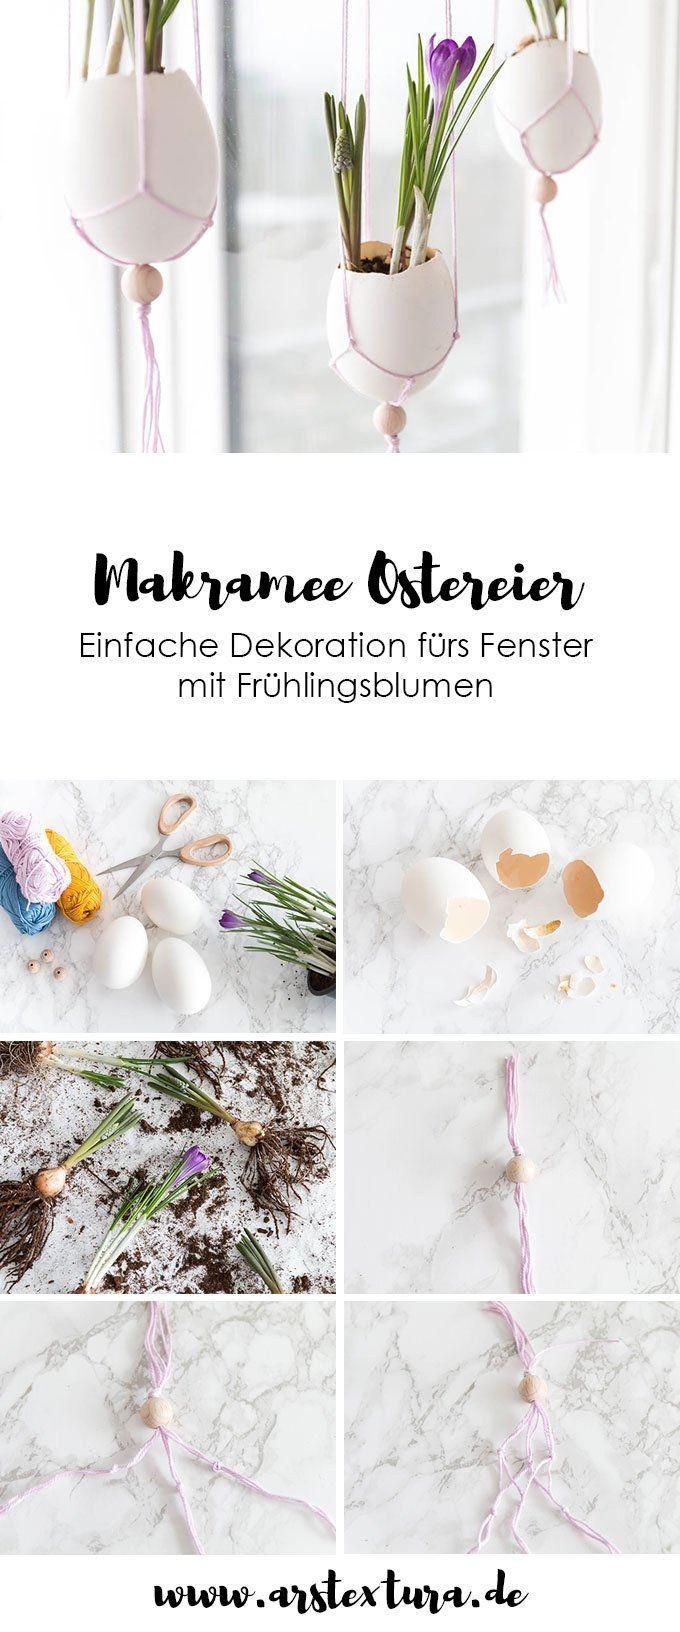 Fenster Deko für Ostern – Makramee Ostereier